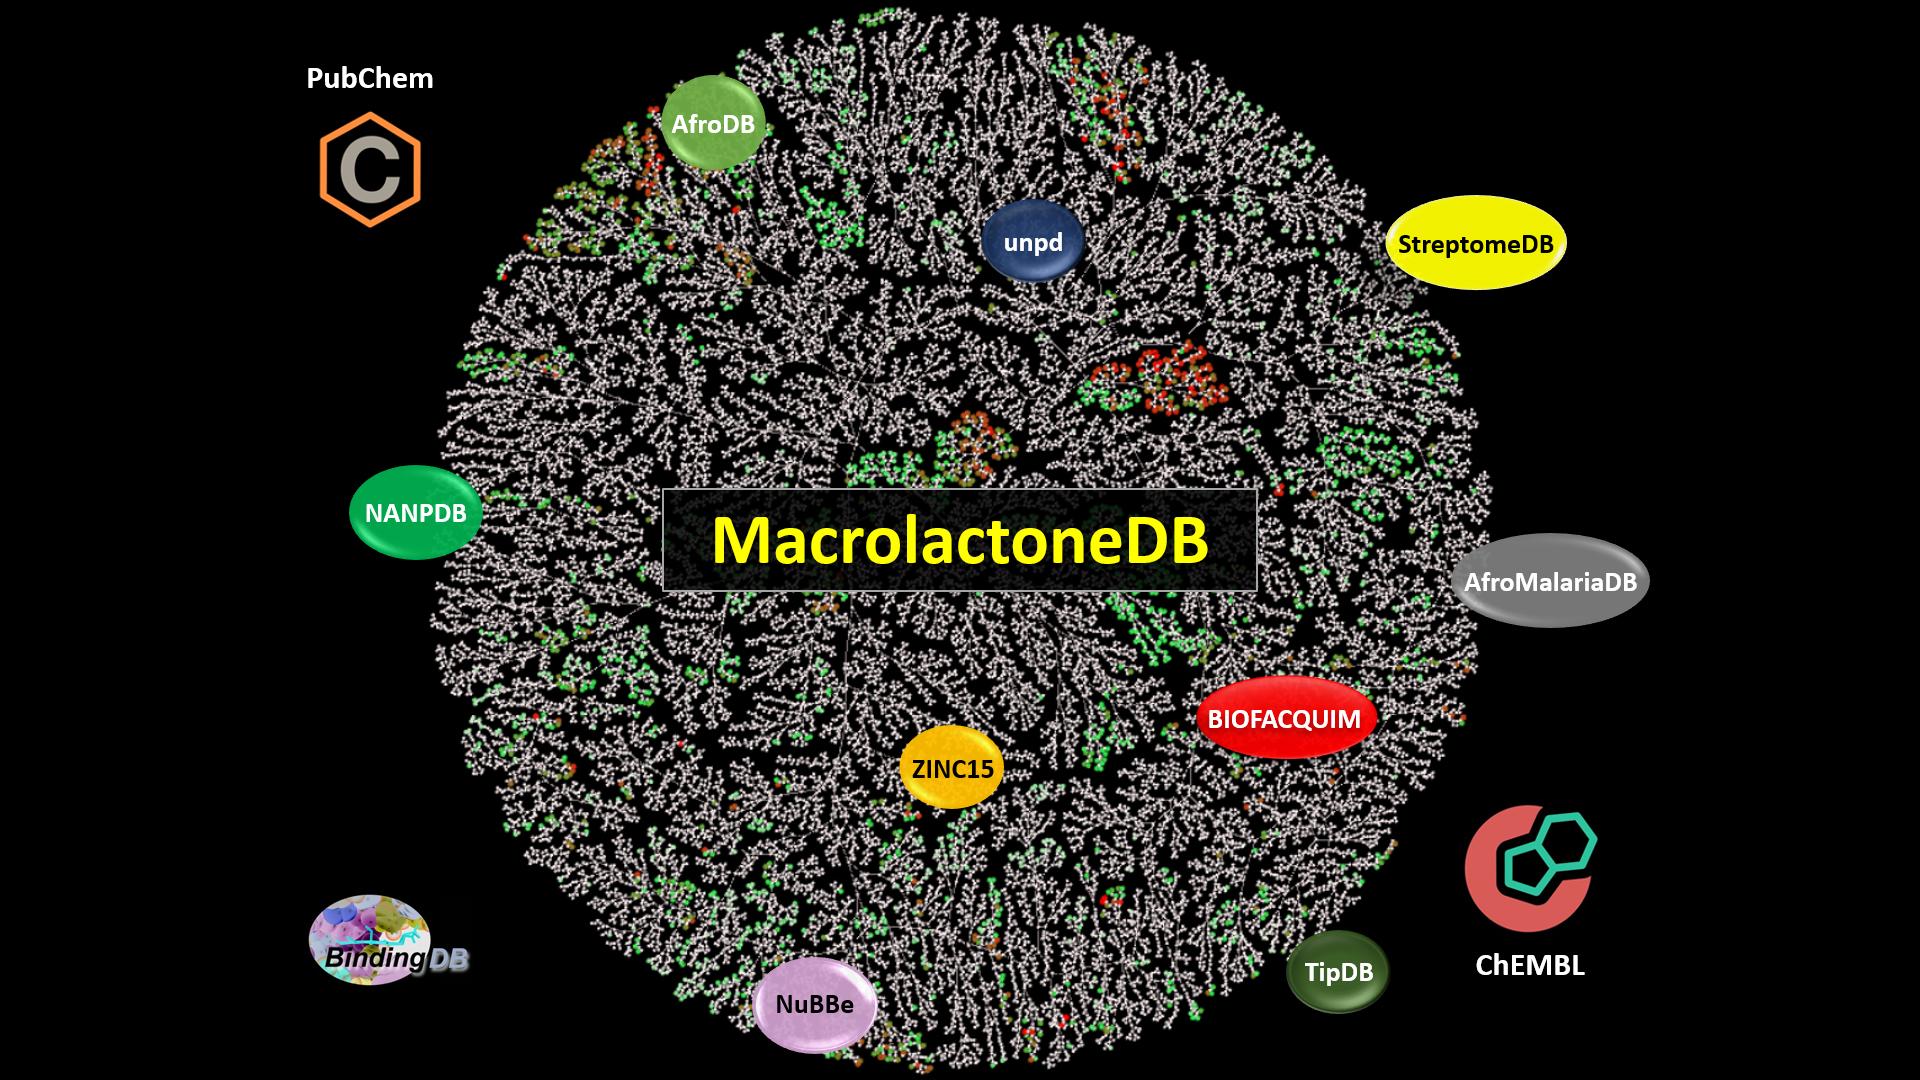 MacrolactoneDB